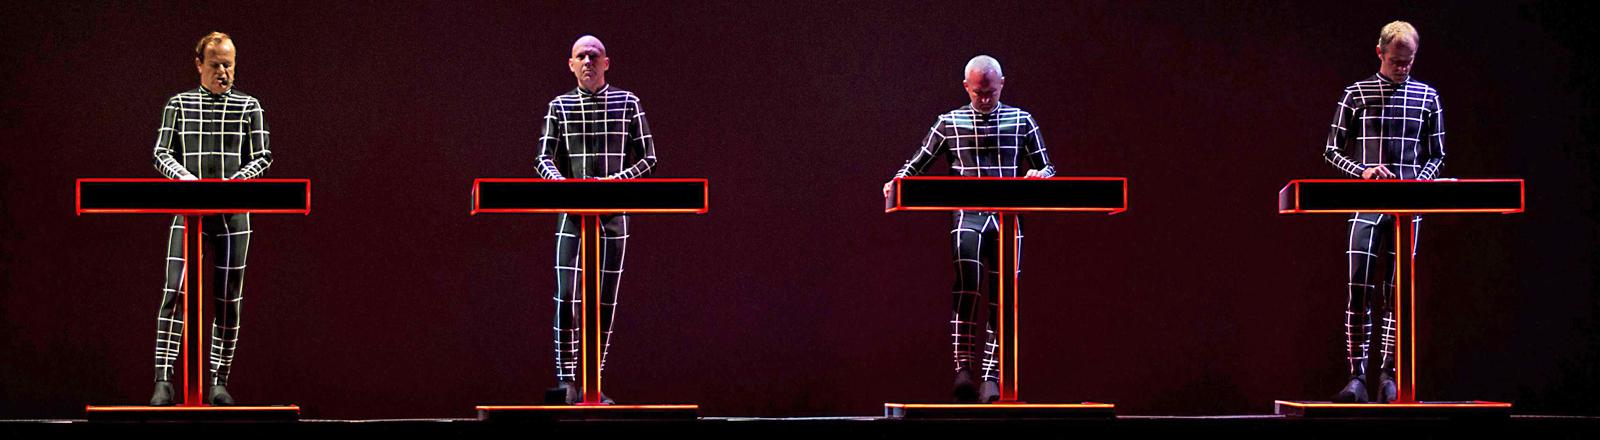 Die vier Bandmitglieder von Kraftwerk stehen auf der Bühne nebeneinander hinter Konsolen; Bild: dpa